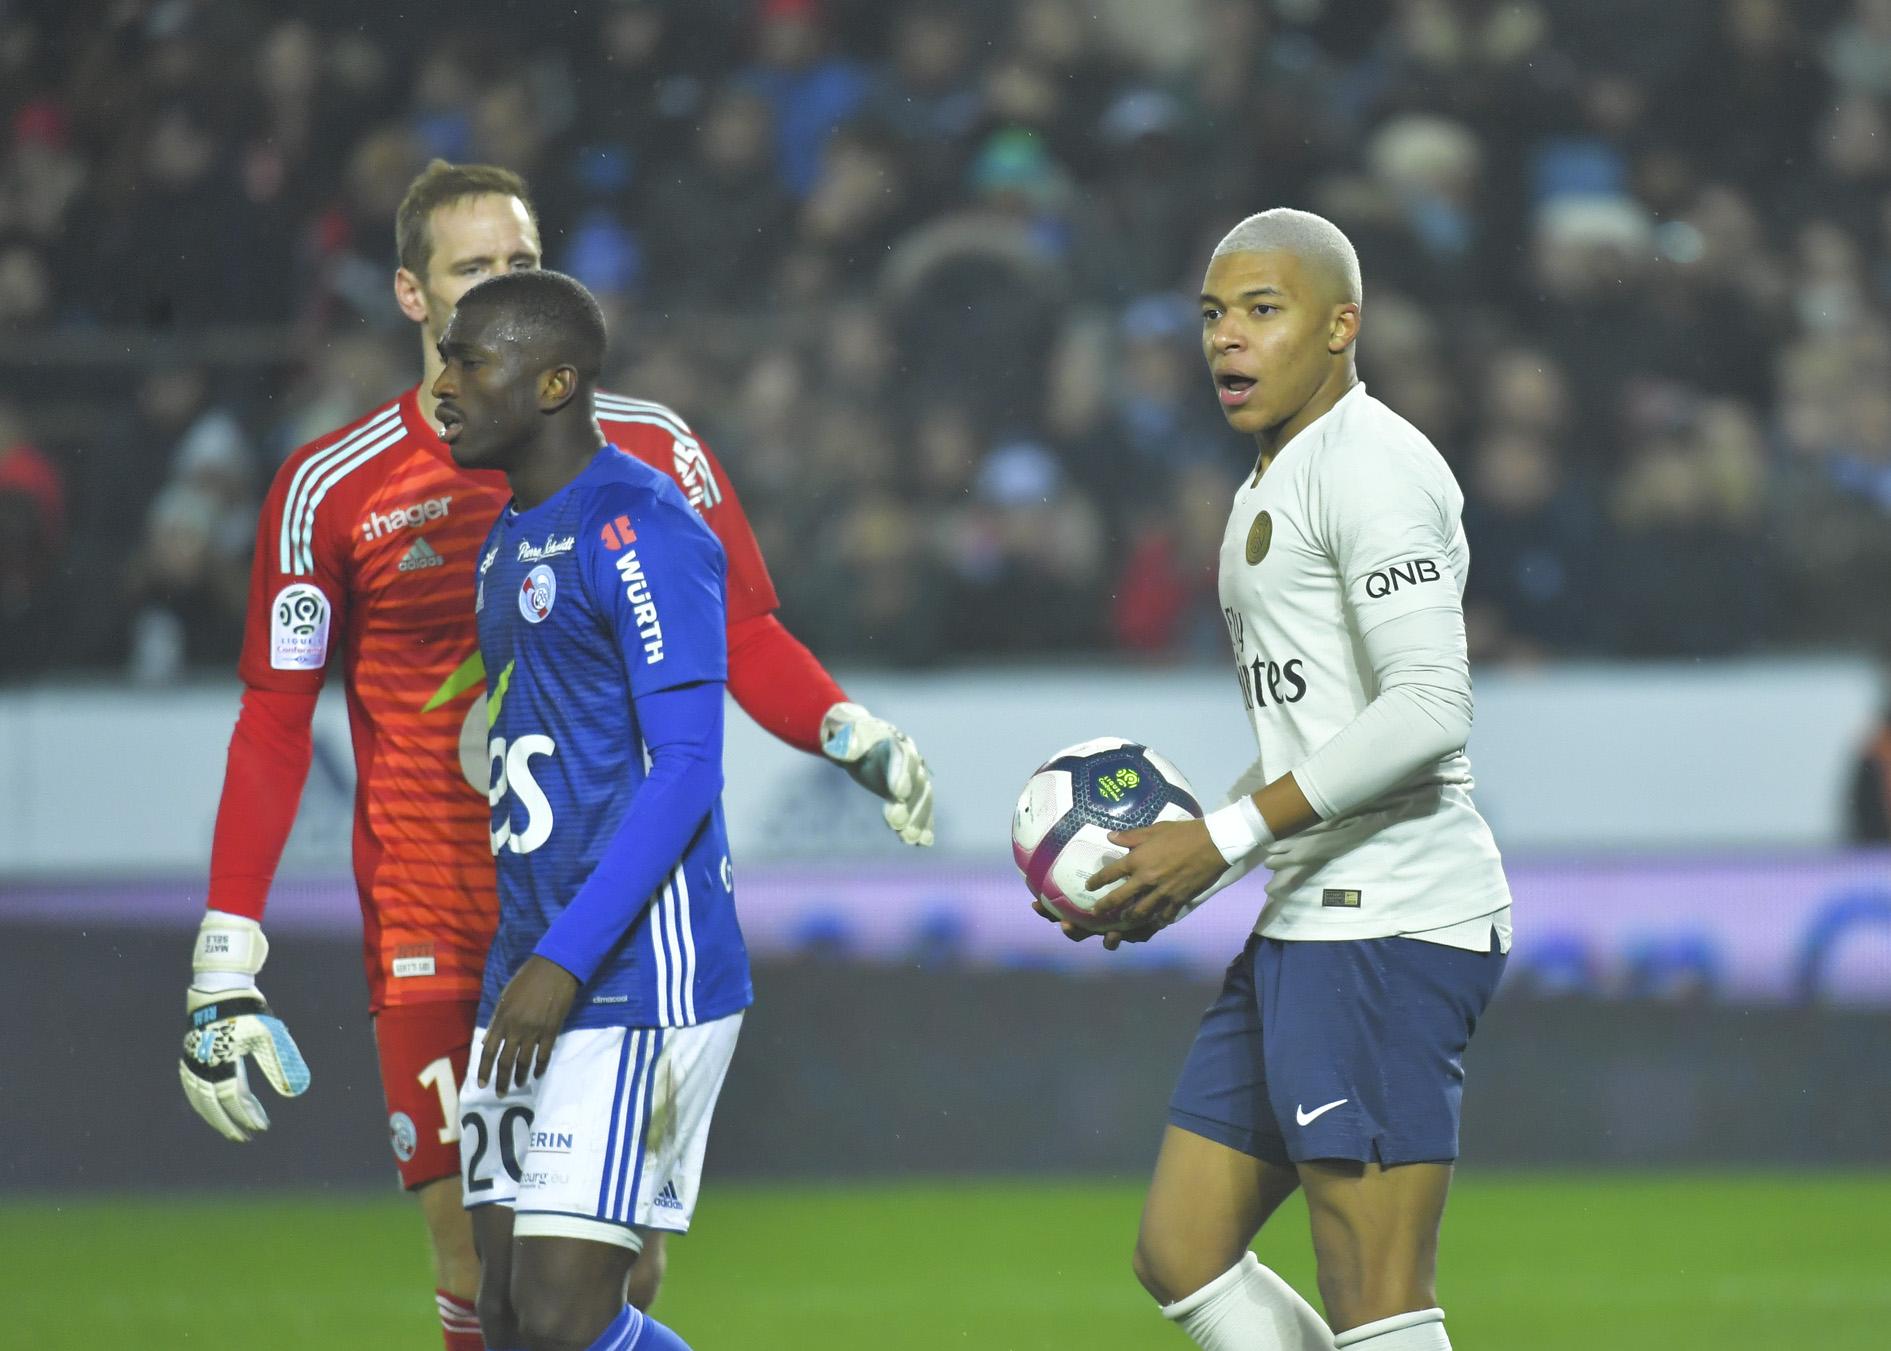 Coupe de france le psg d fiera grenoble ou strasbourg coupe de france football - Football coupe de france ...